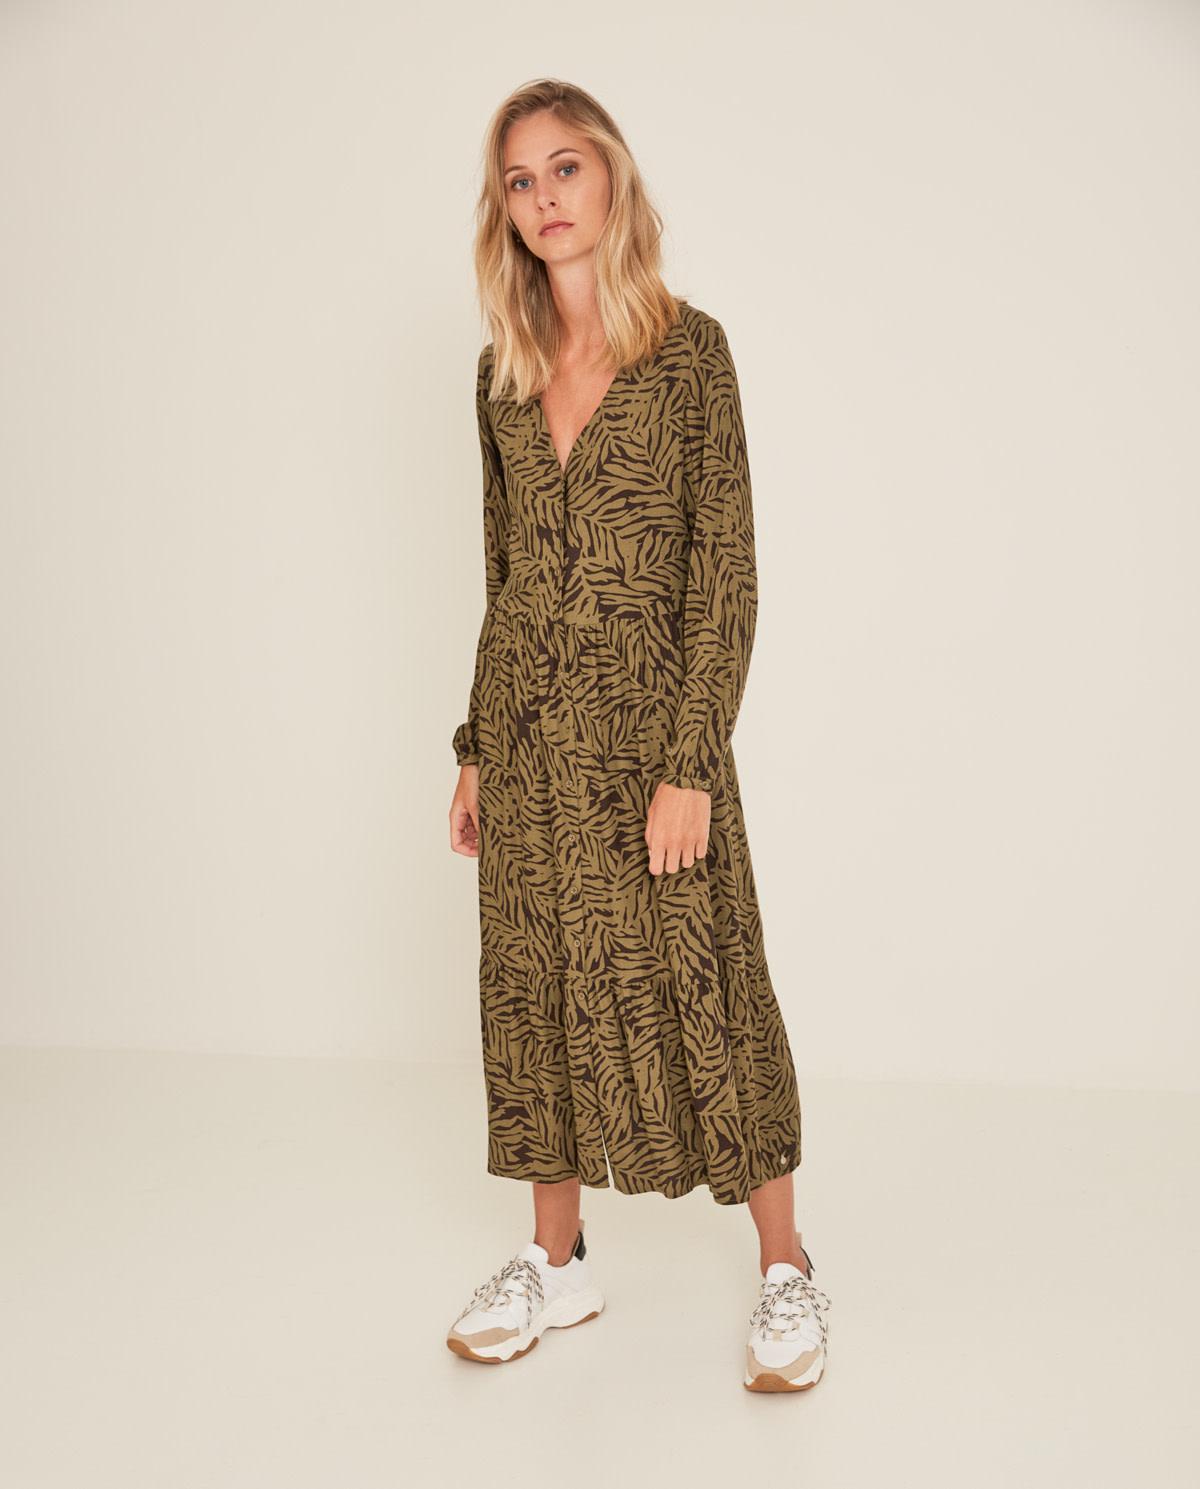 Yerse Nala33 - Dress